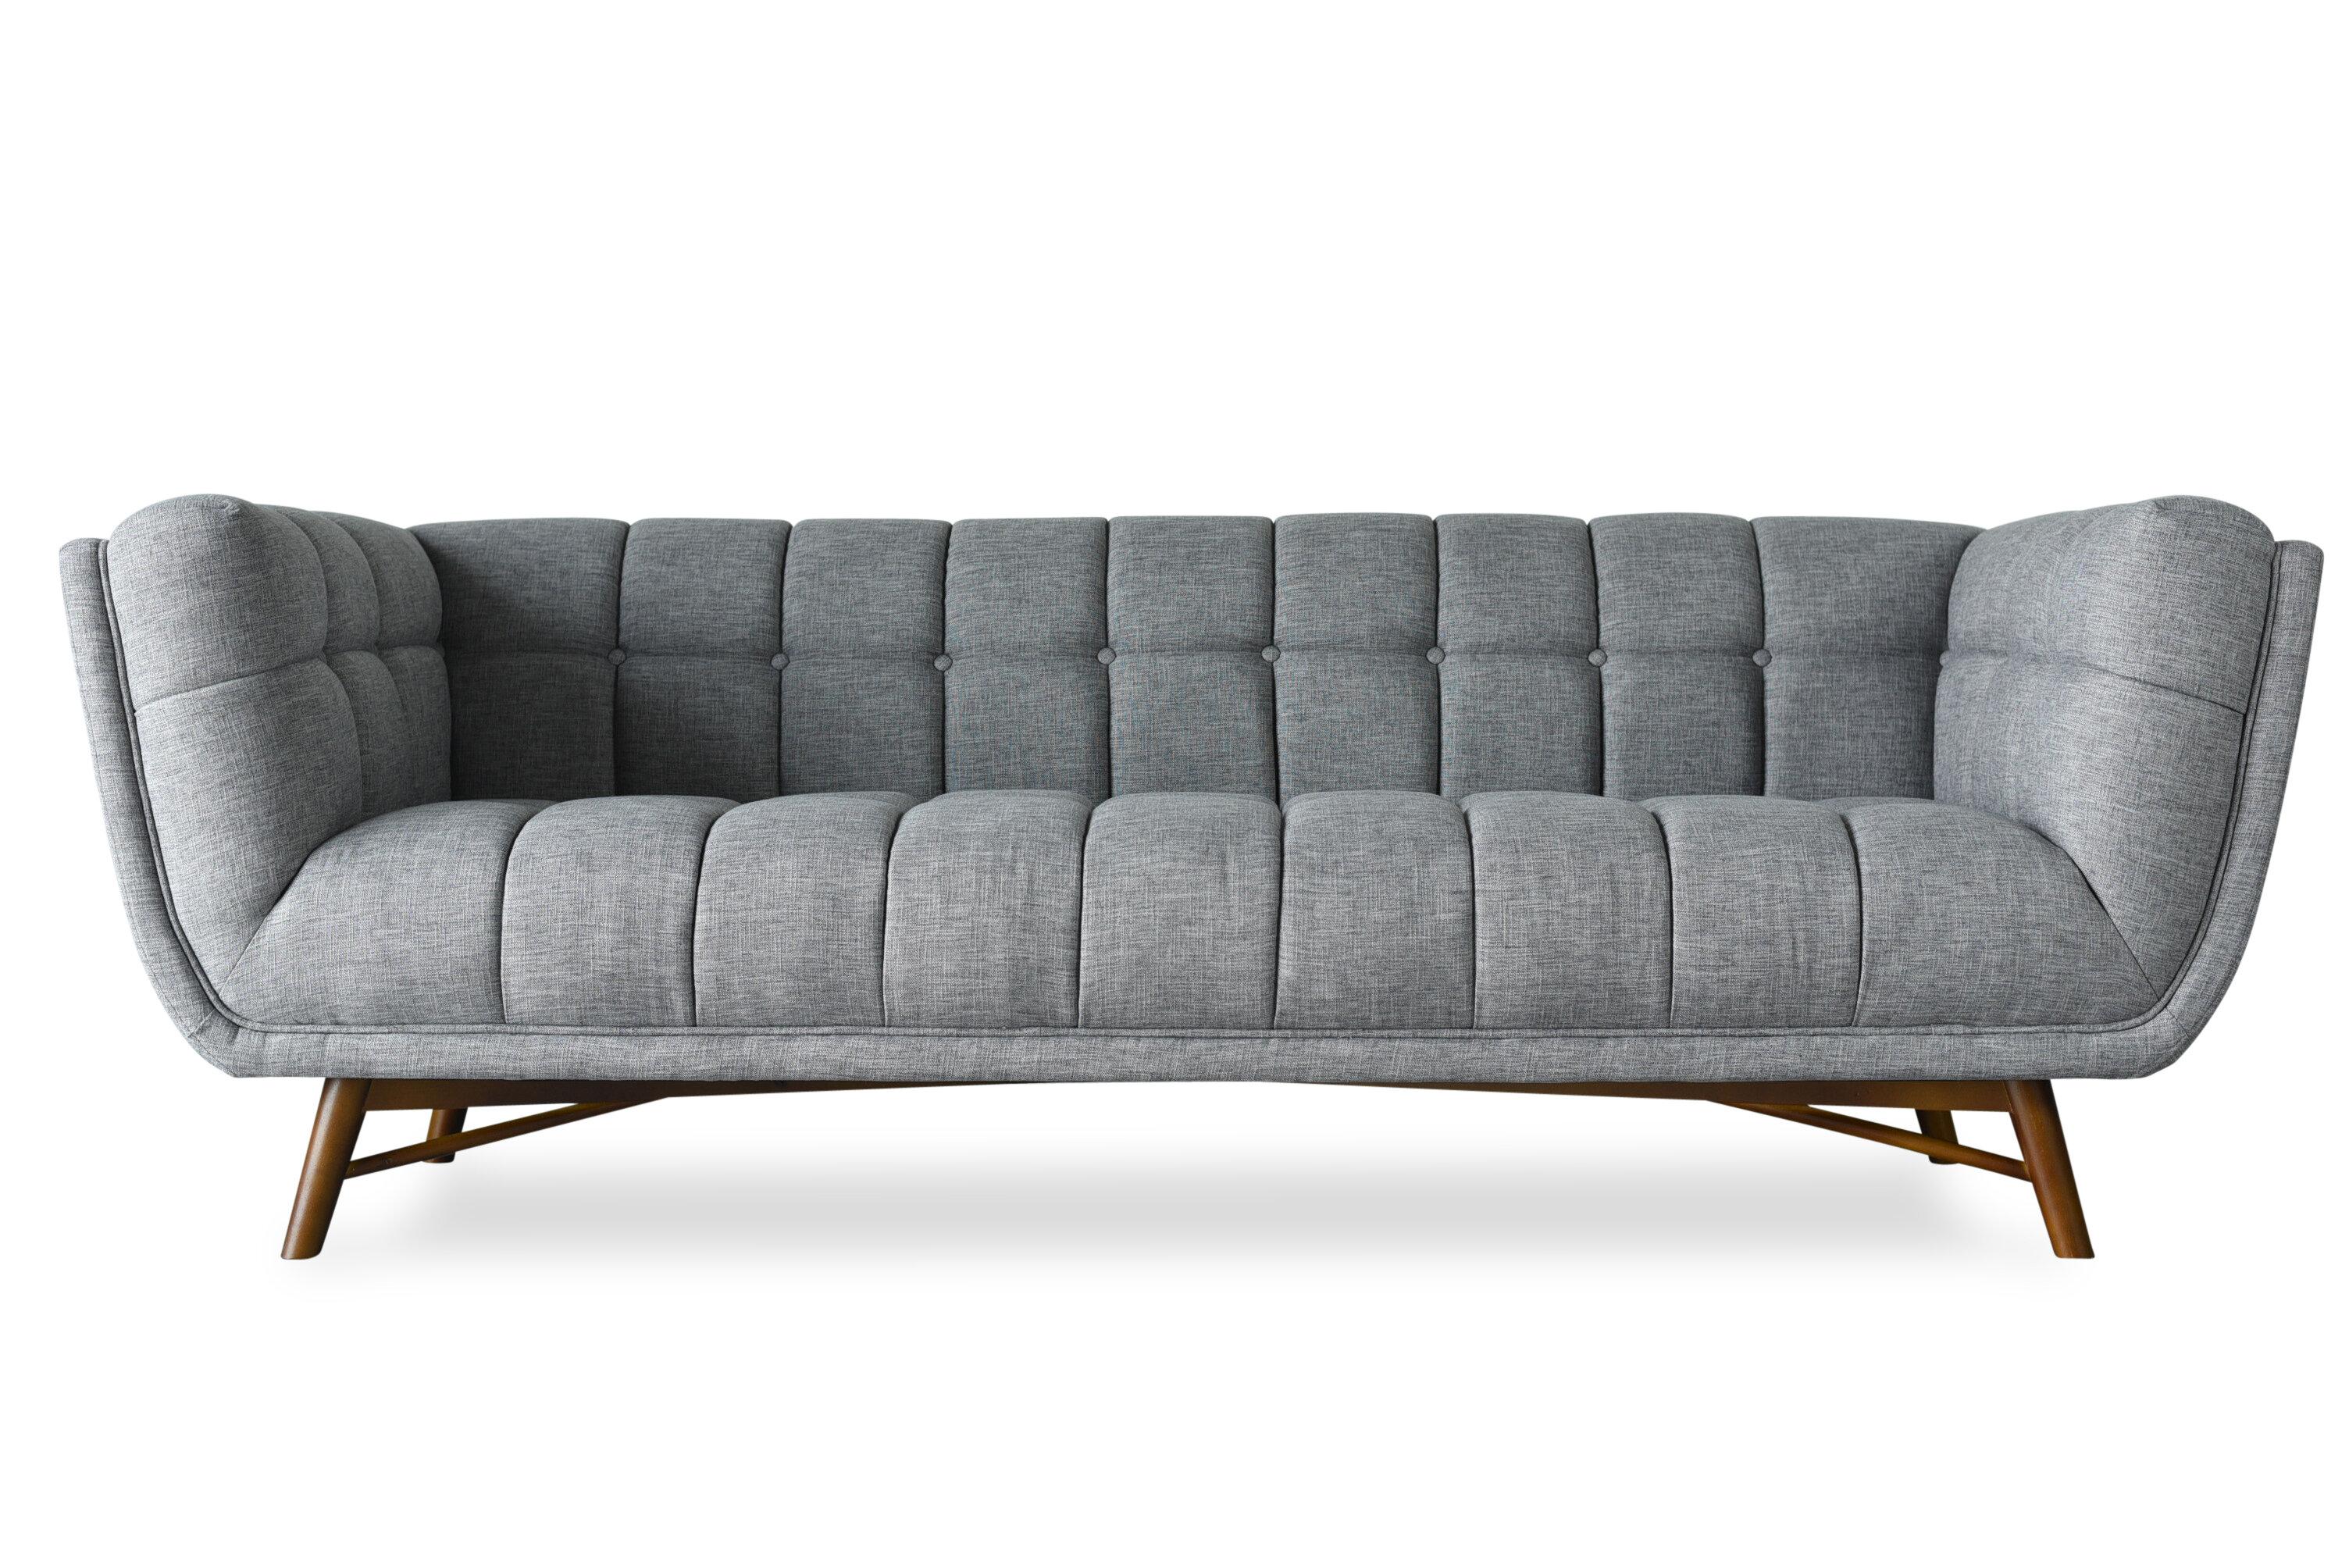 Everly Quinn Claris Mid-Century Modern Chesterfield Sofa | Wayfair